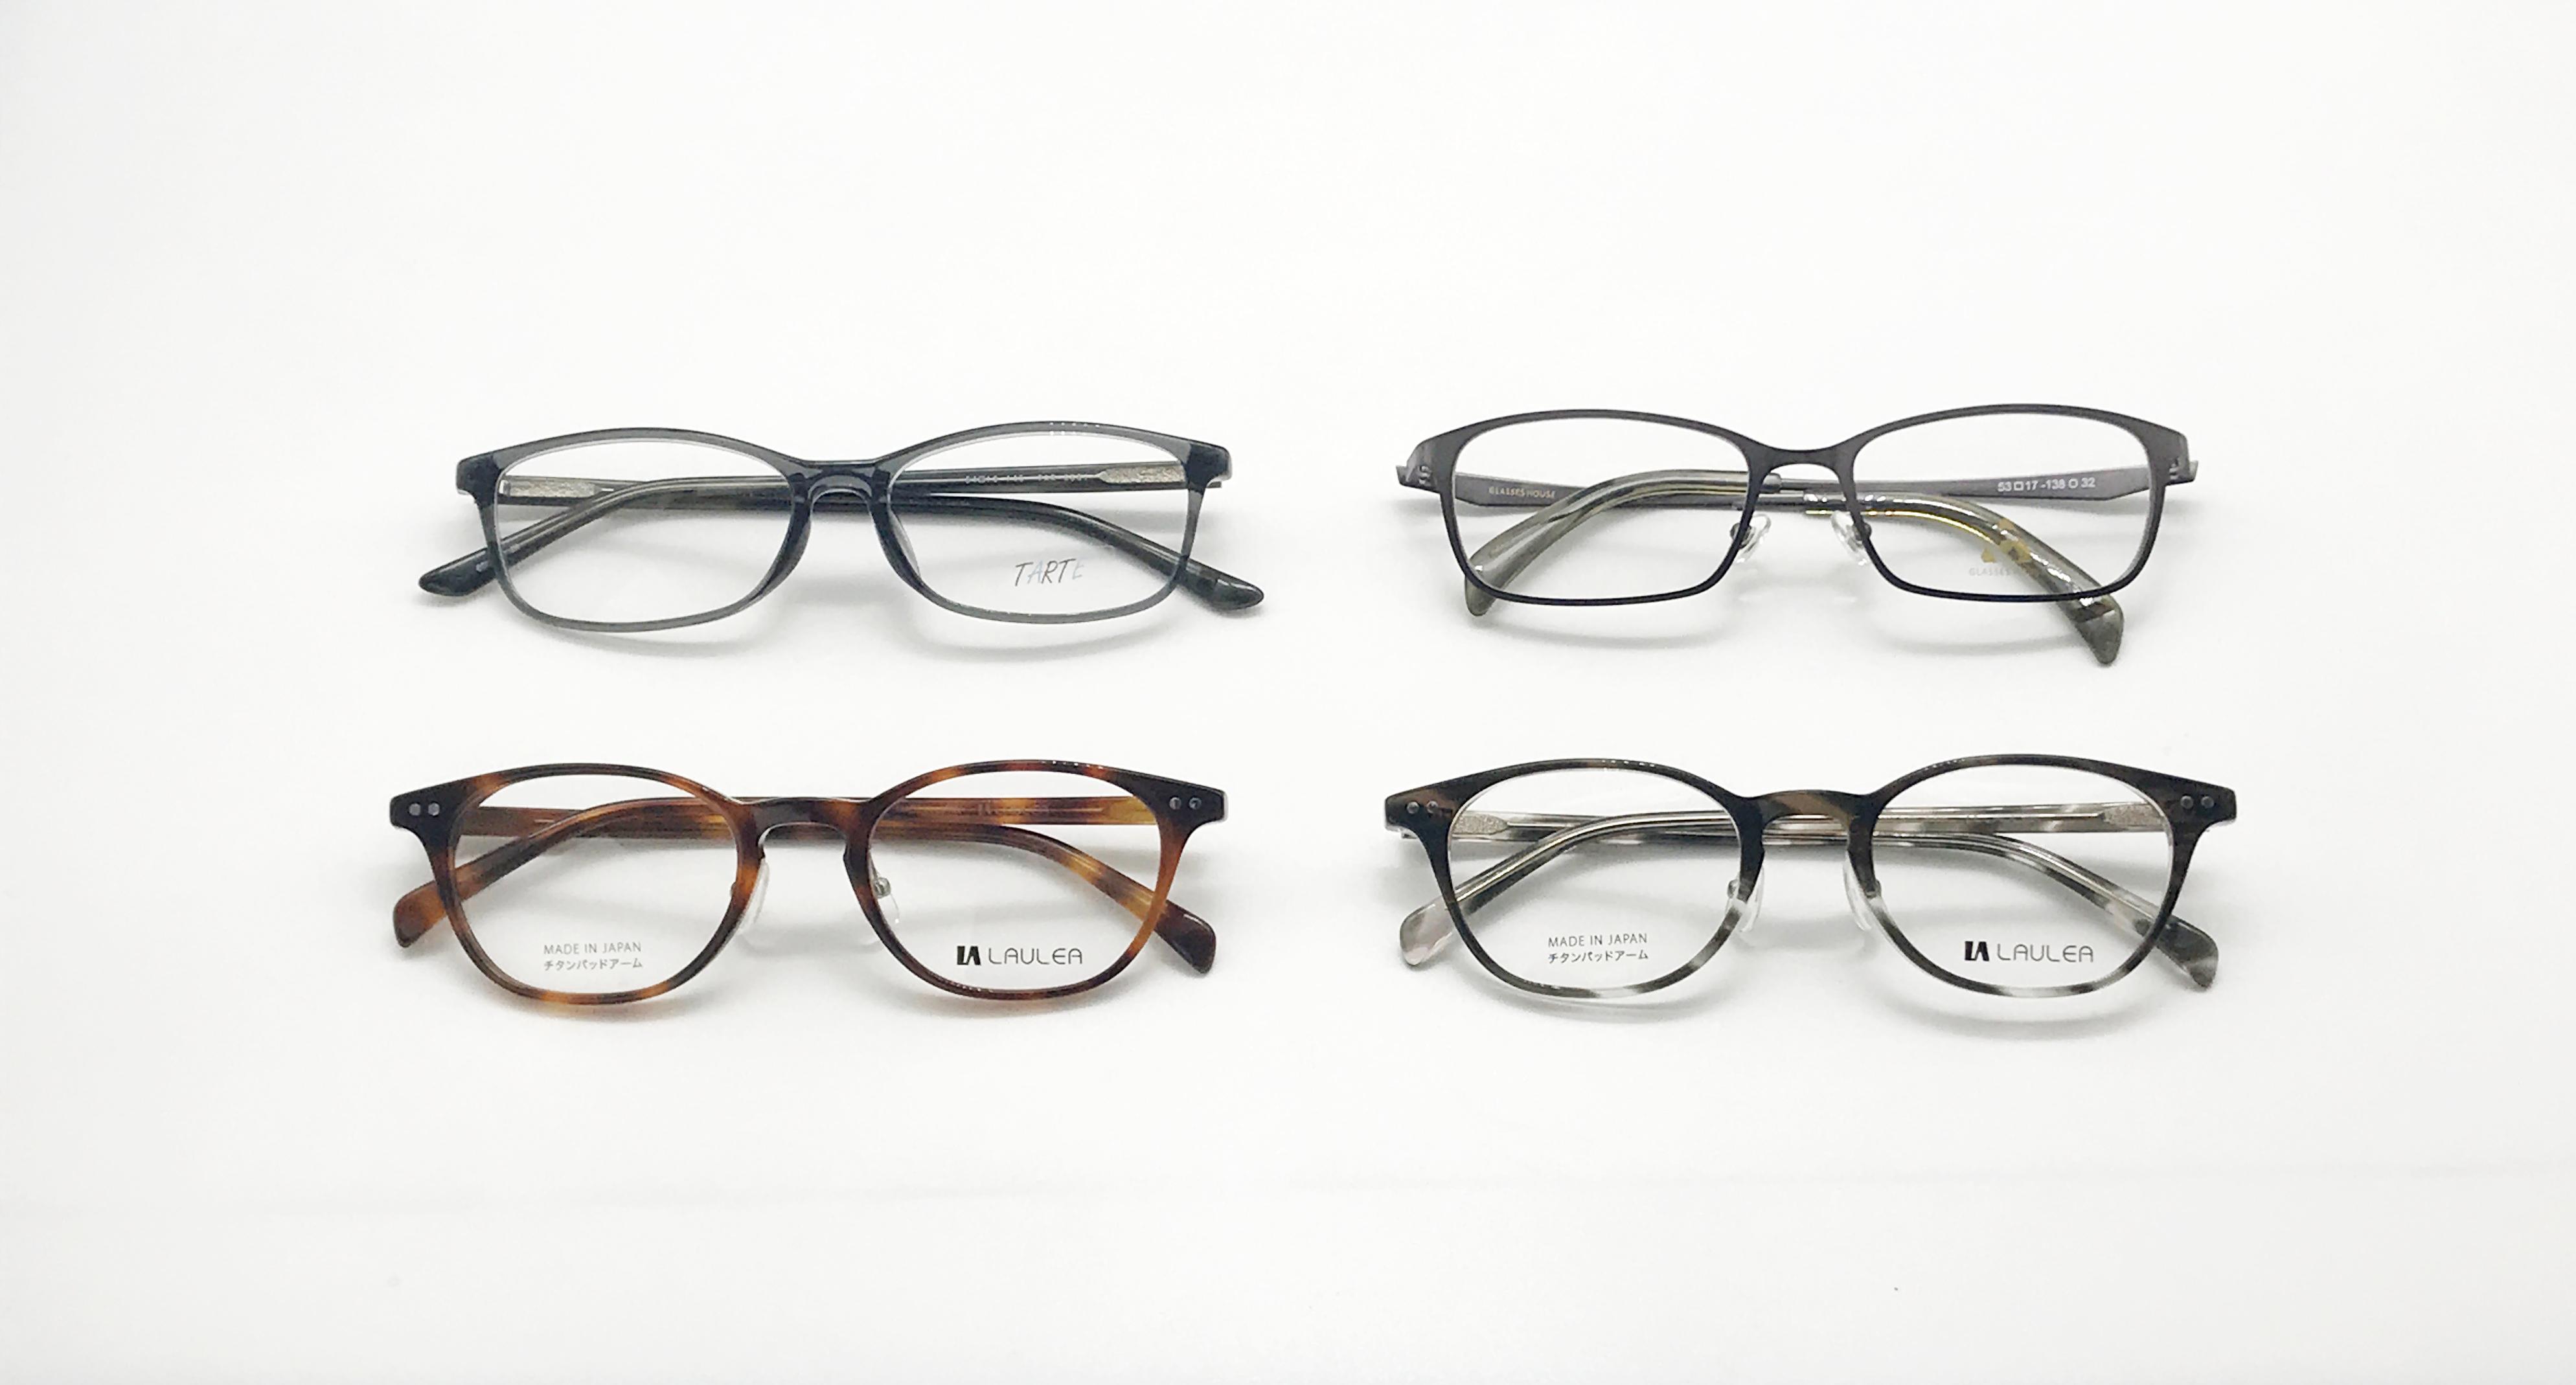 メガネセット商品